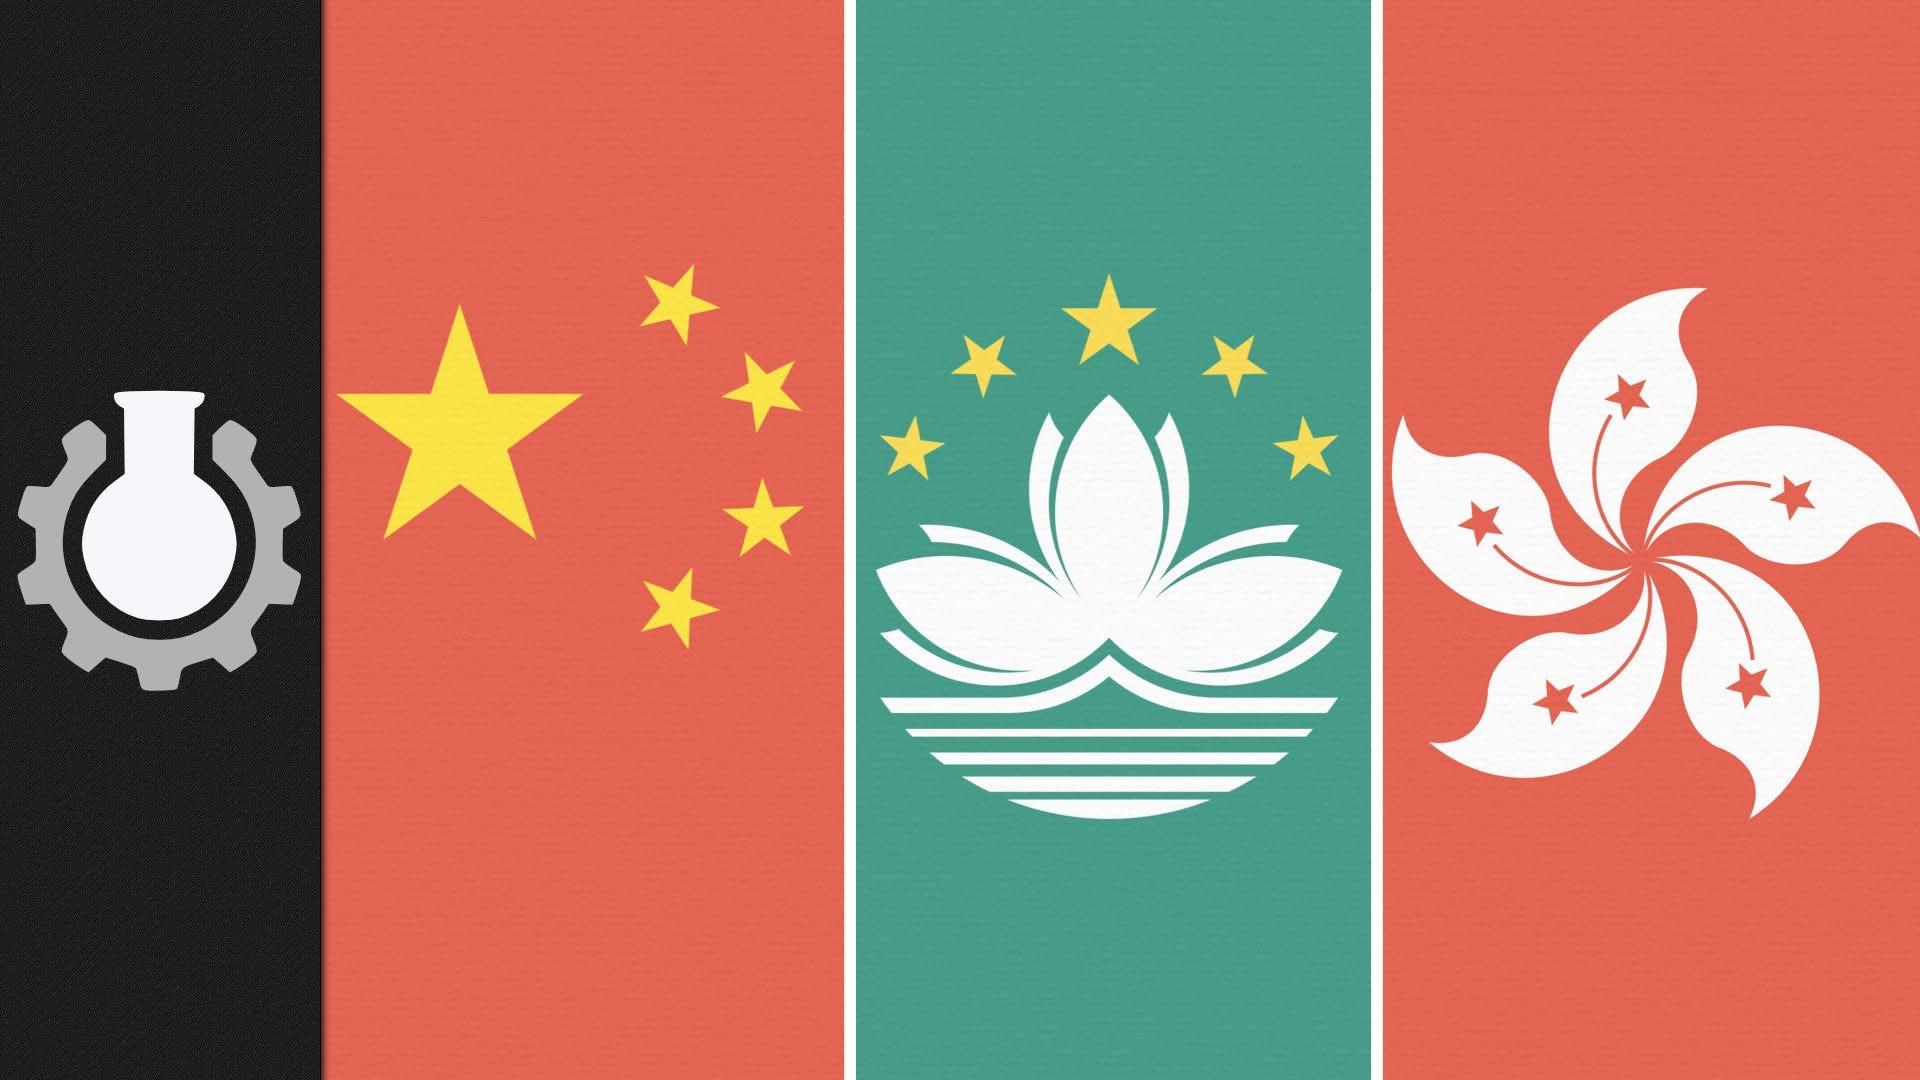 從老外角度看港澳與中國的關係